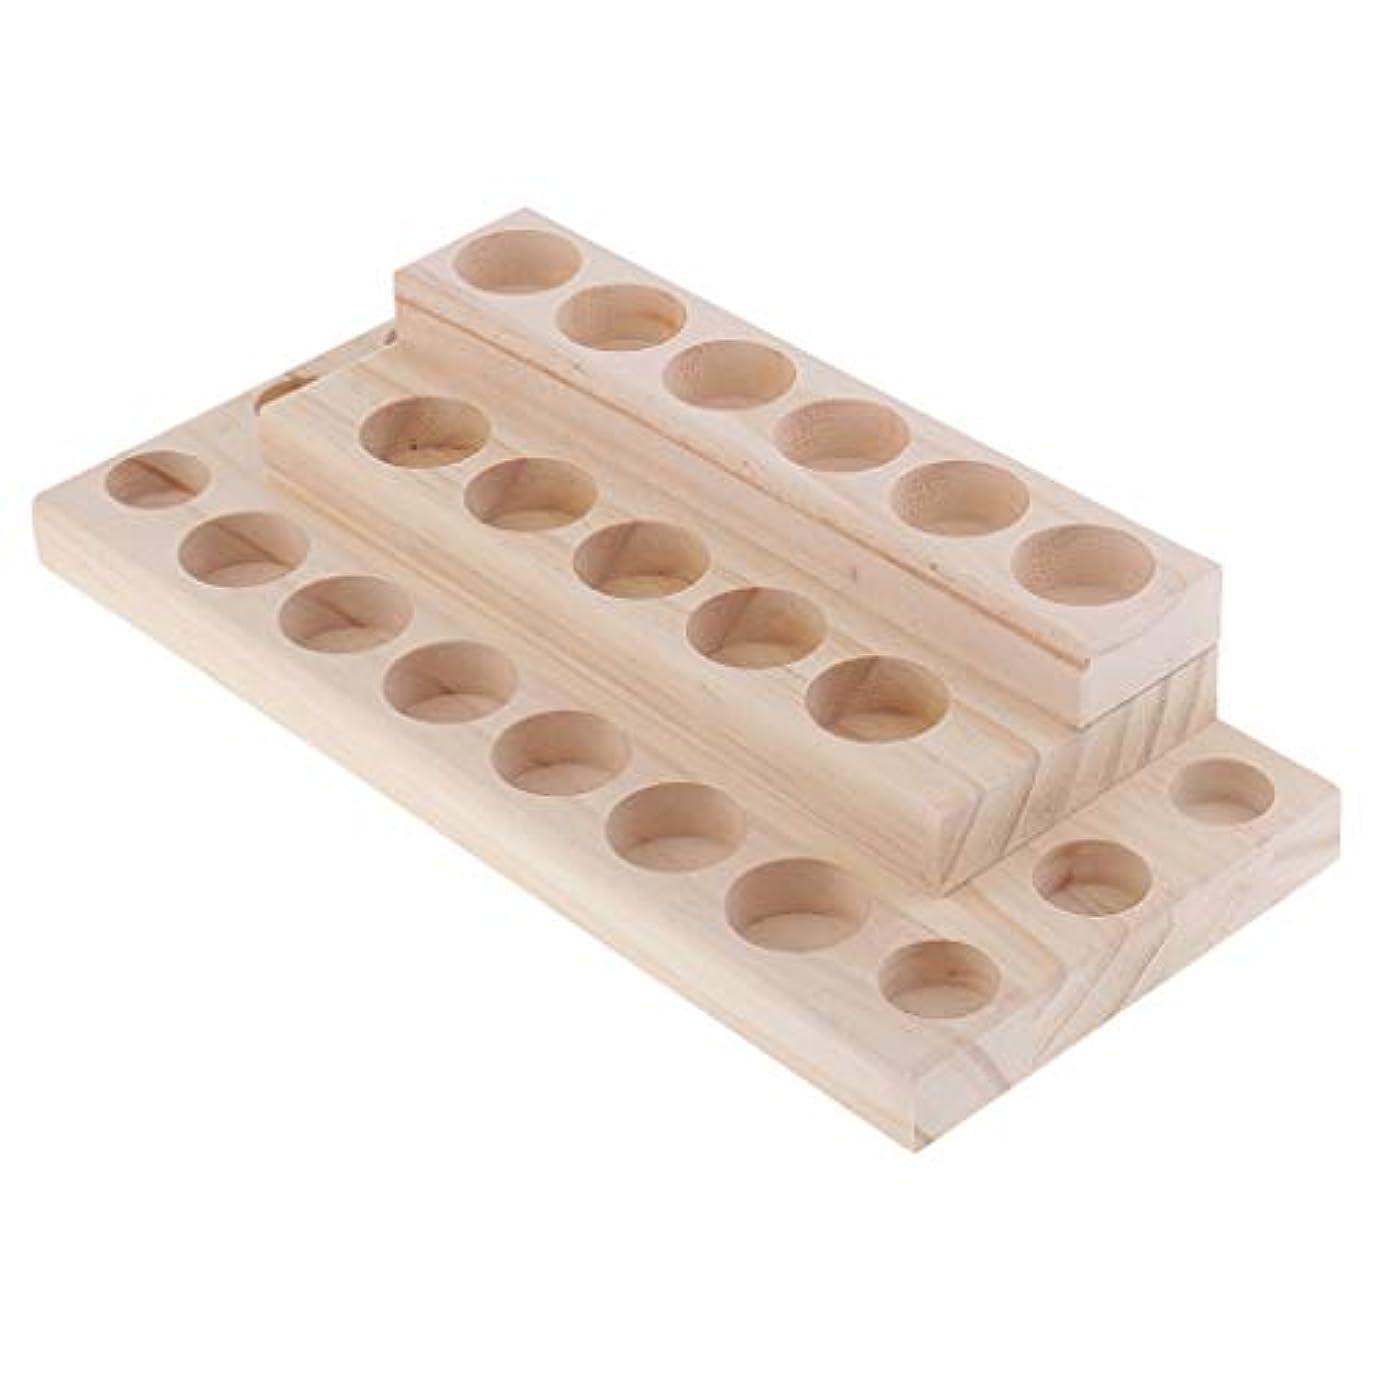 醸造所死の顎ピボットD DOLITY 木製 エッセンシャルオイル 展示ラック 精油 オルガナイザー 陳列台 収納ツール 3層